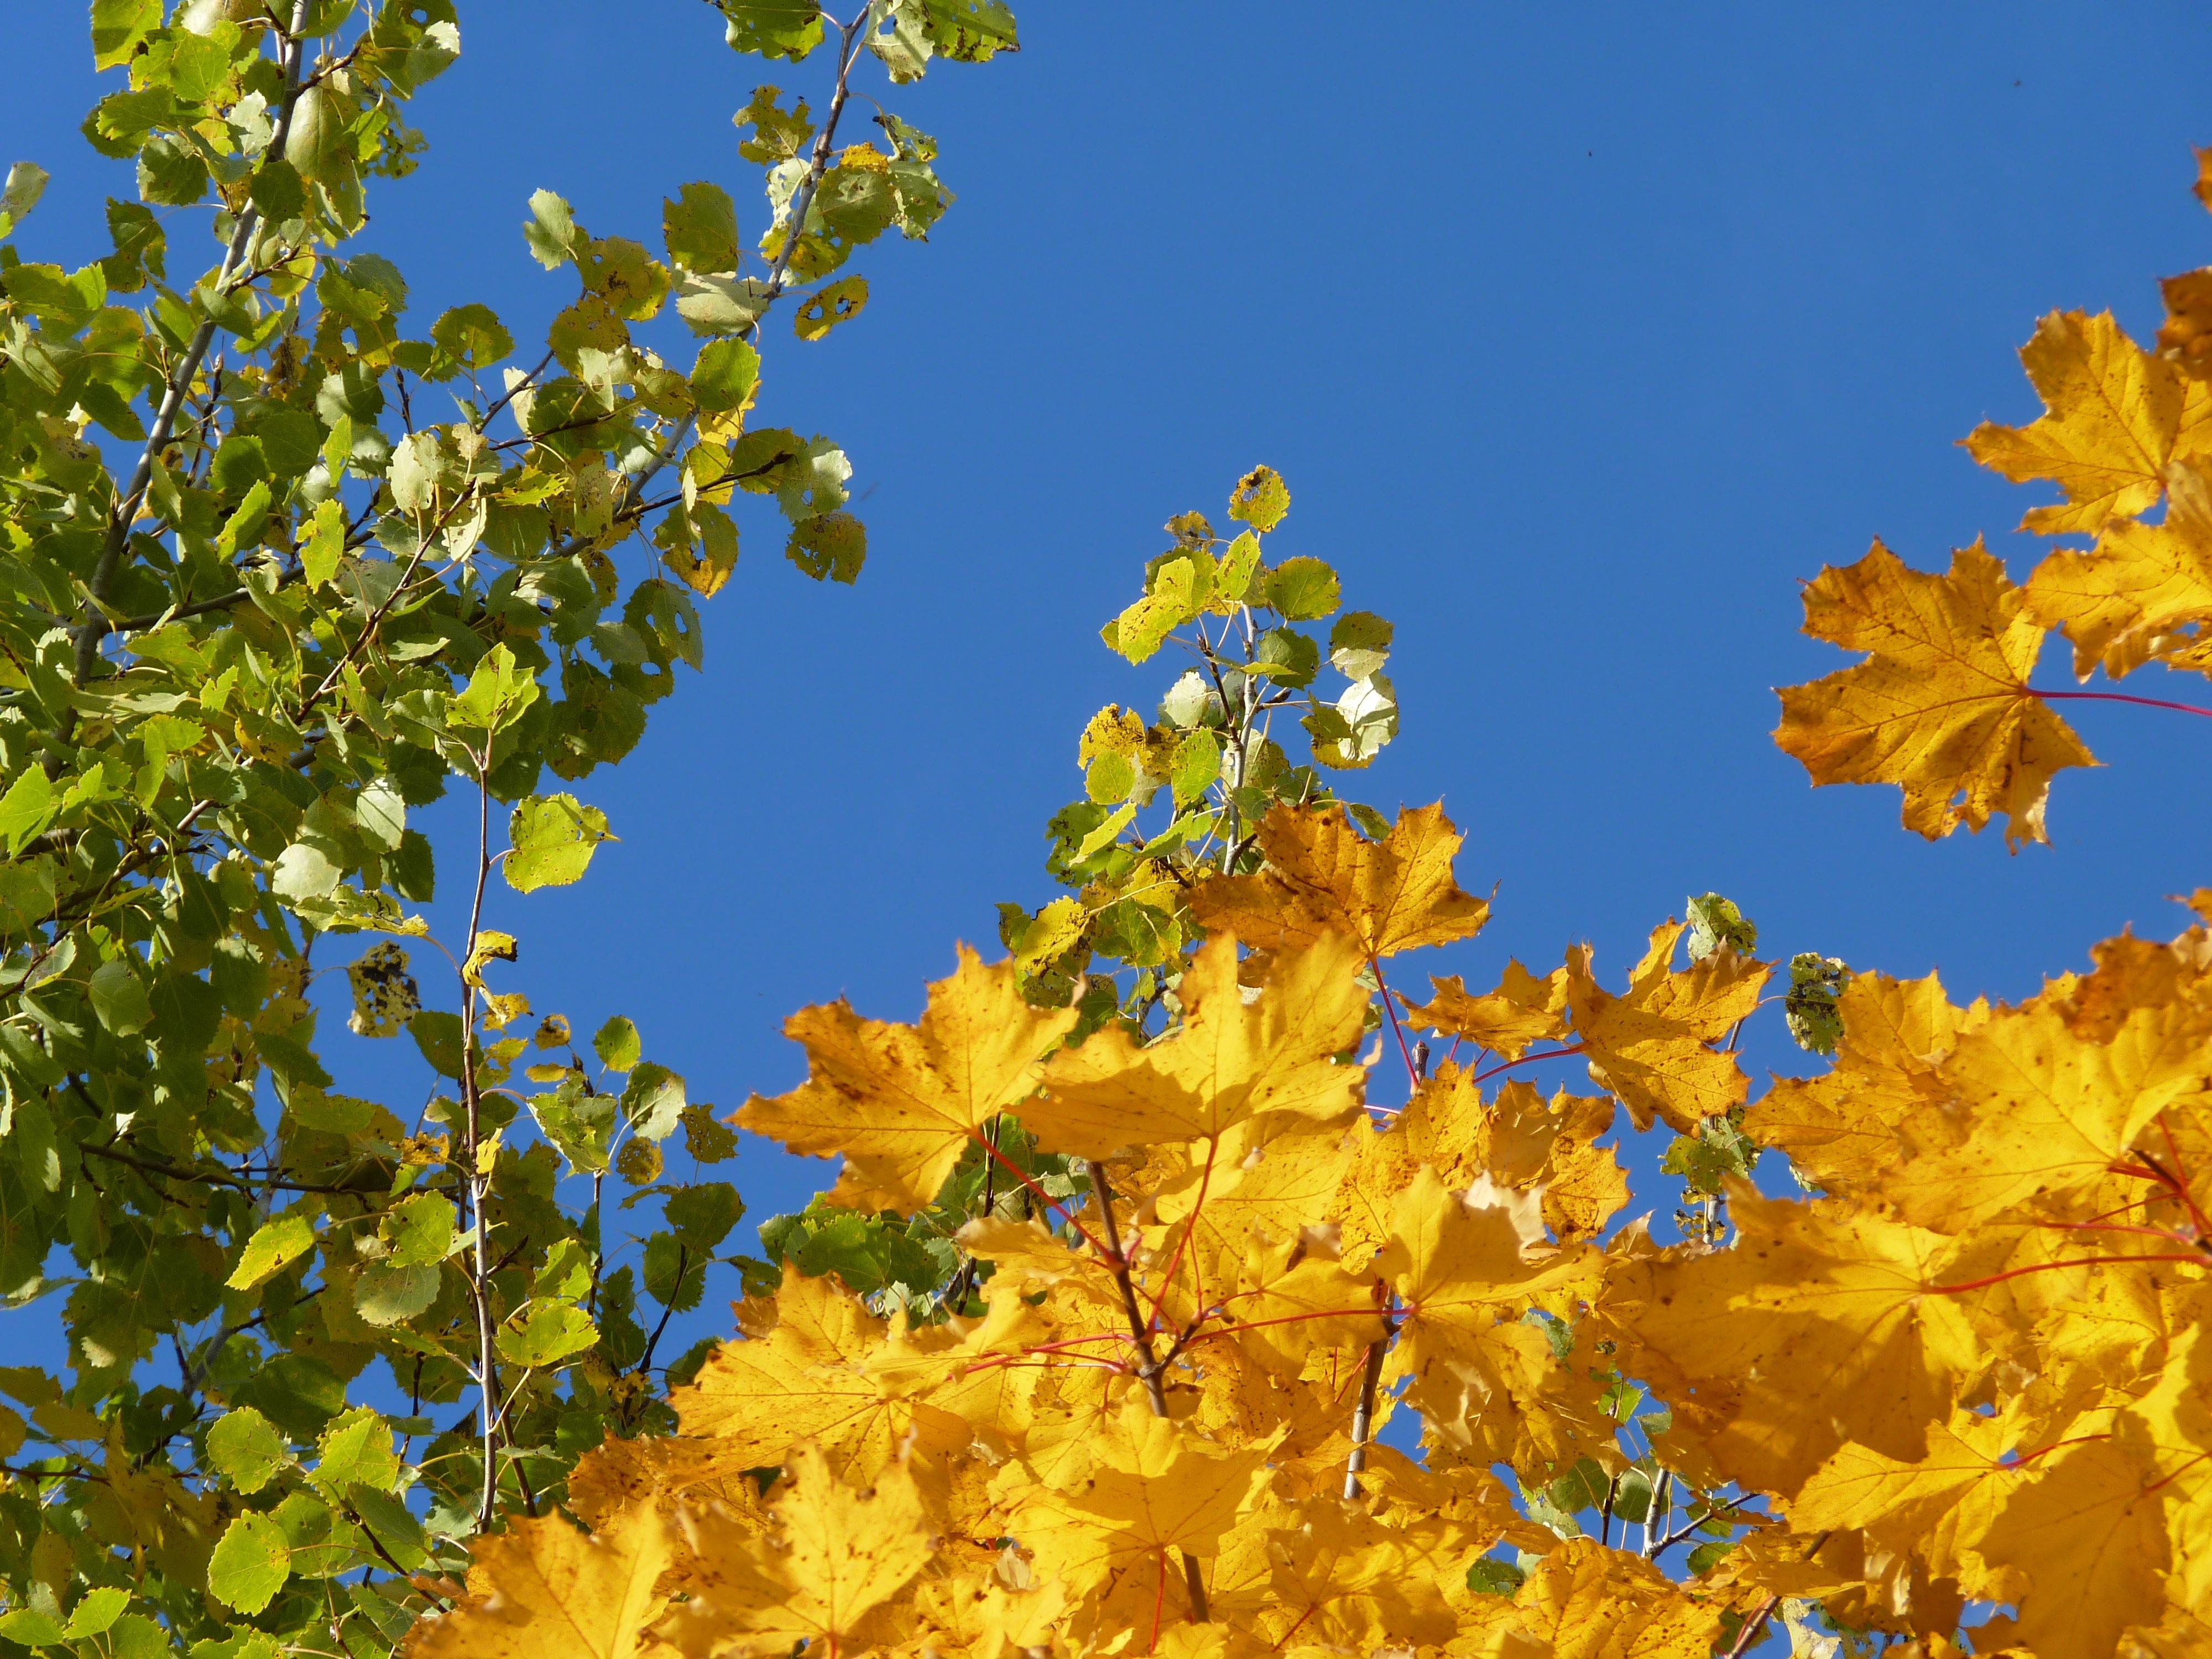 Fotos gratis : naturaleza, rama, prado, luz de sol, hoja, flor ...